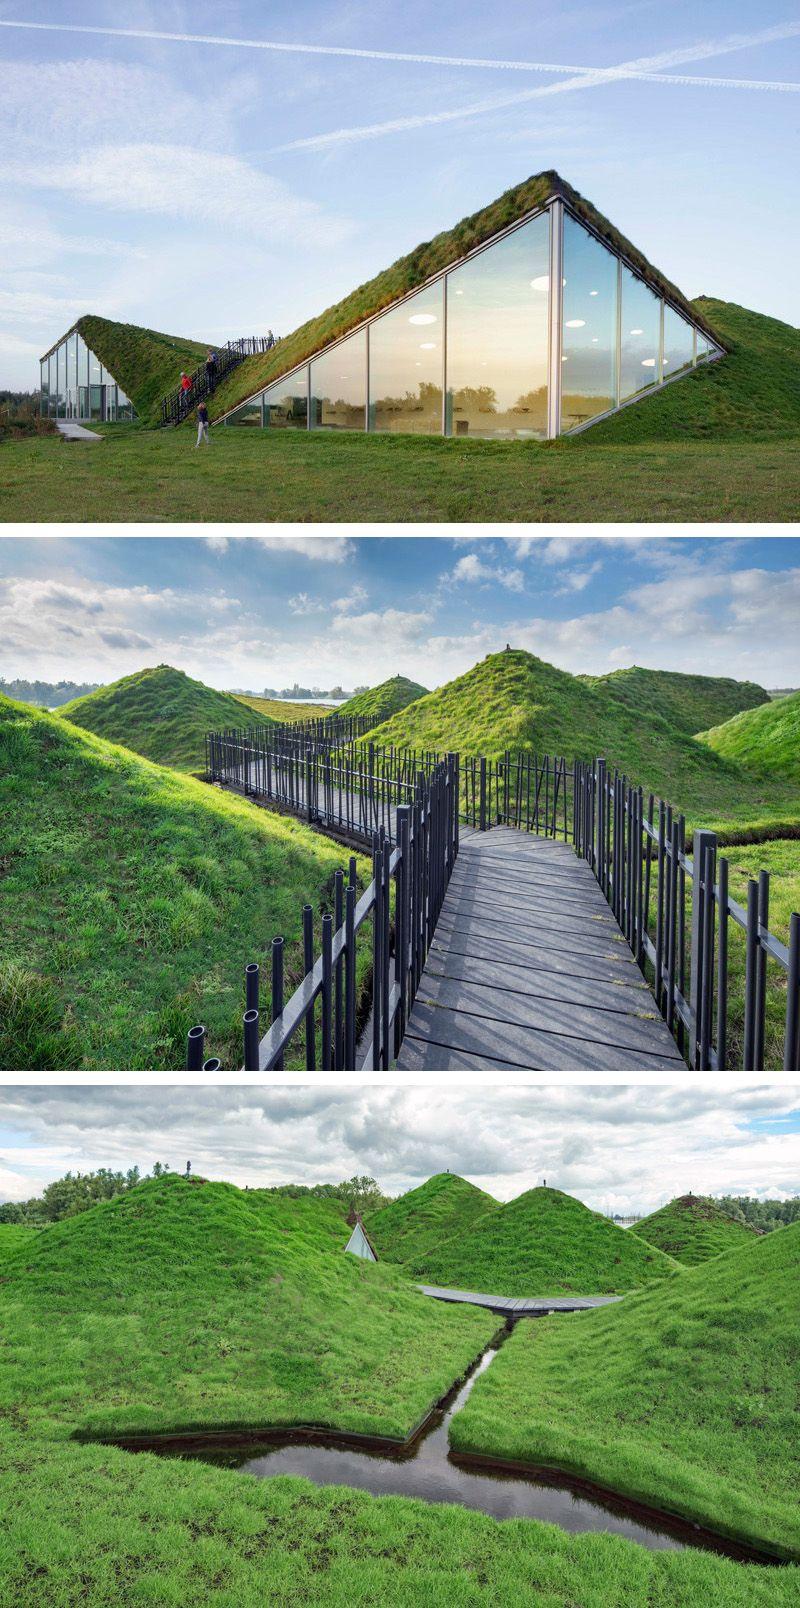 1000 Images About Landscape On Pinterest